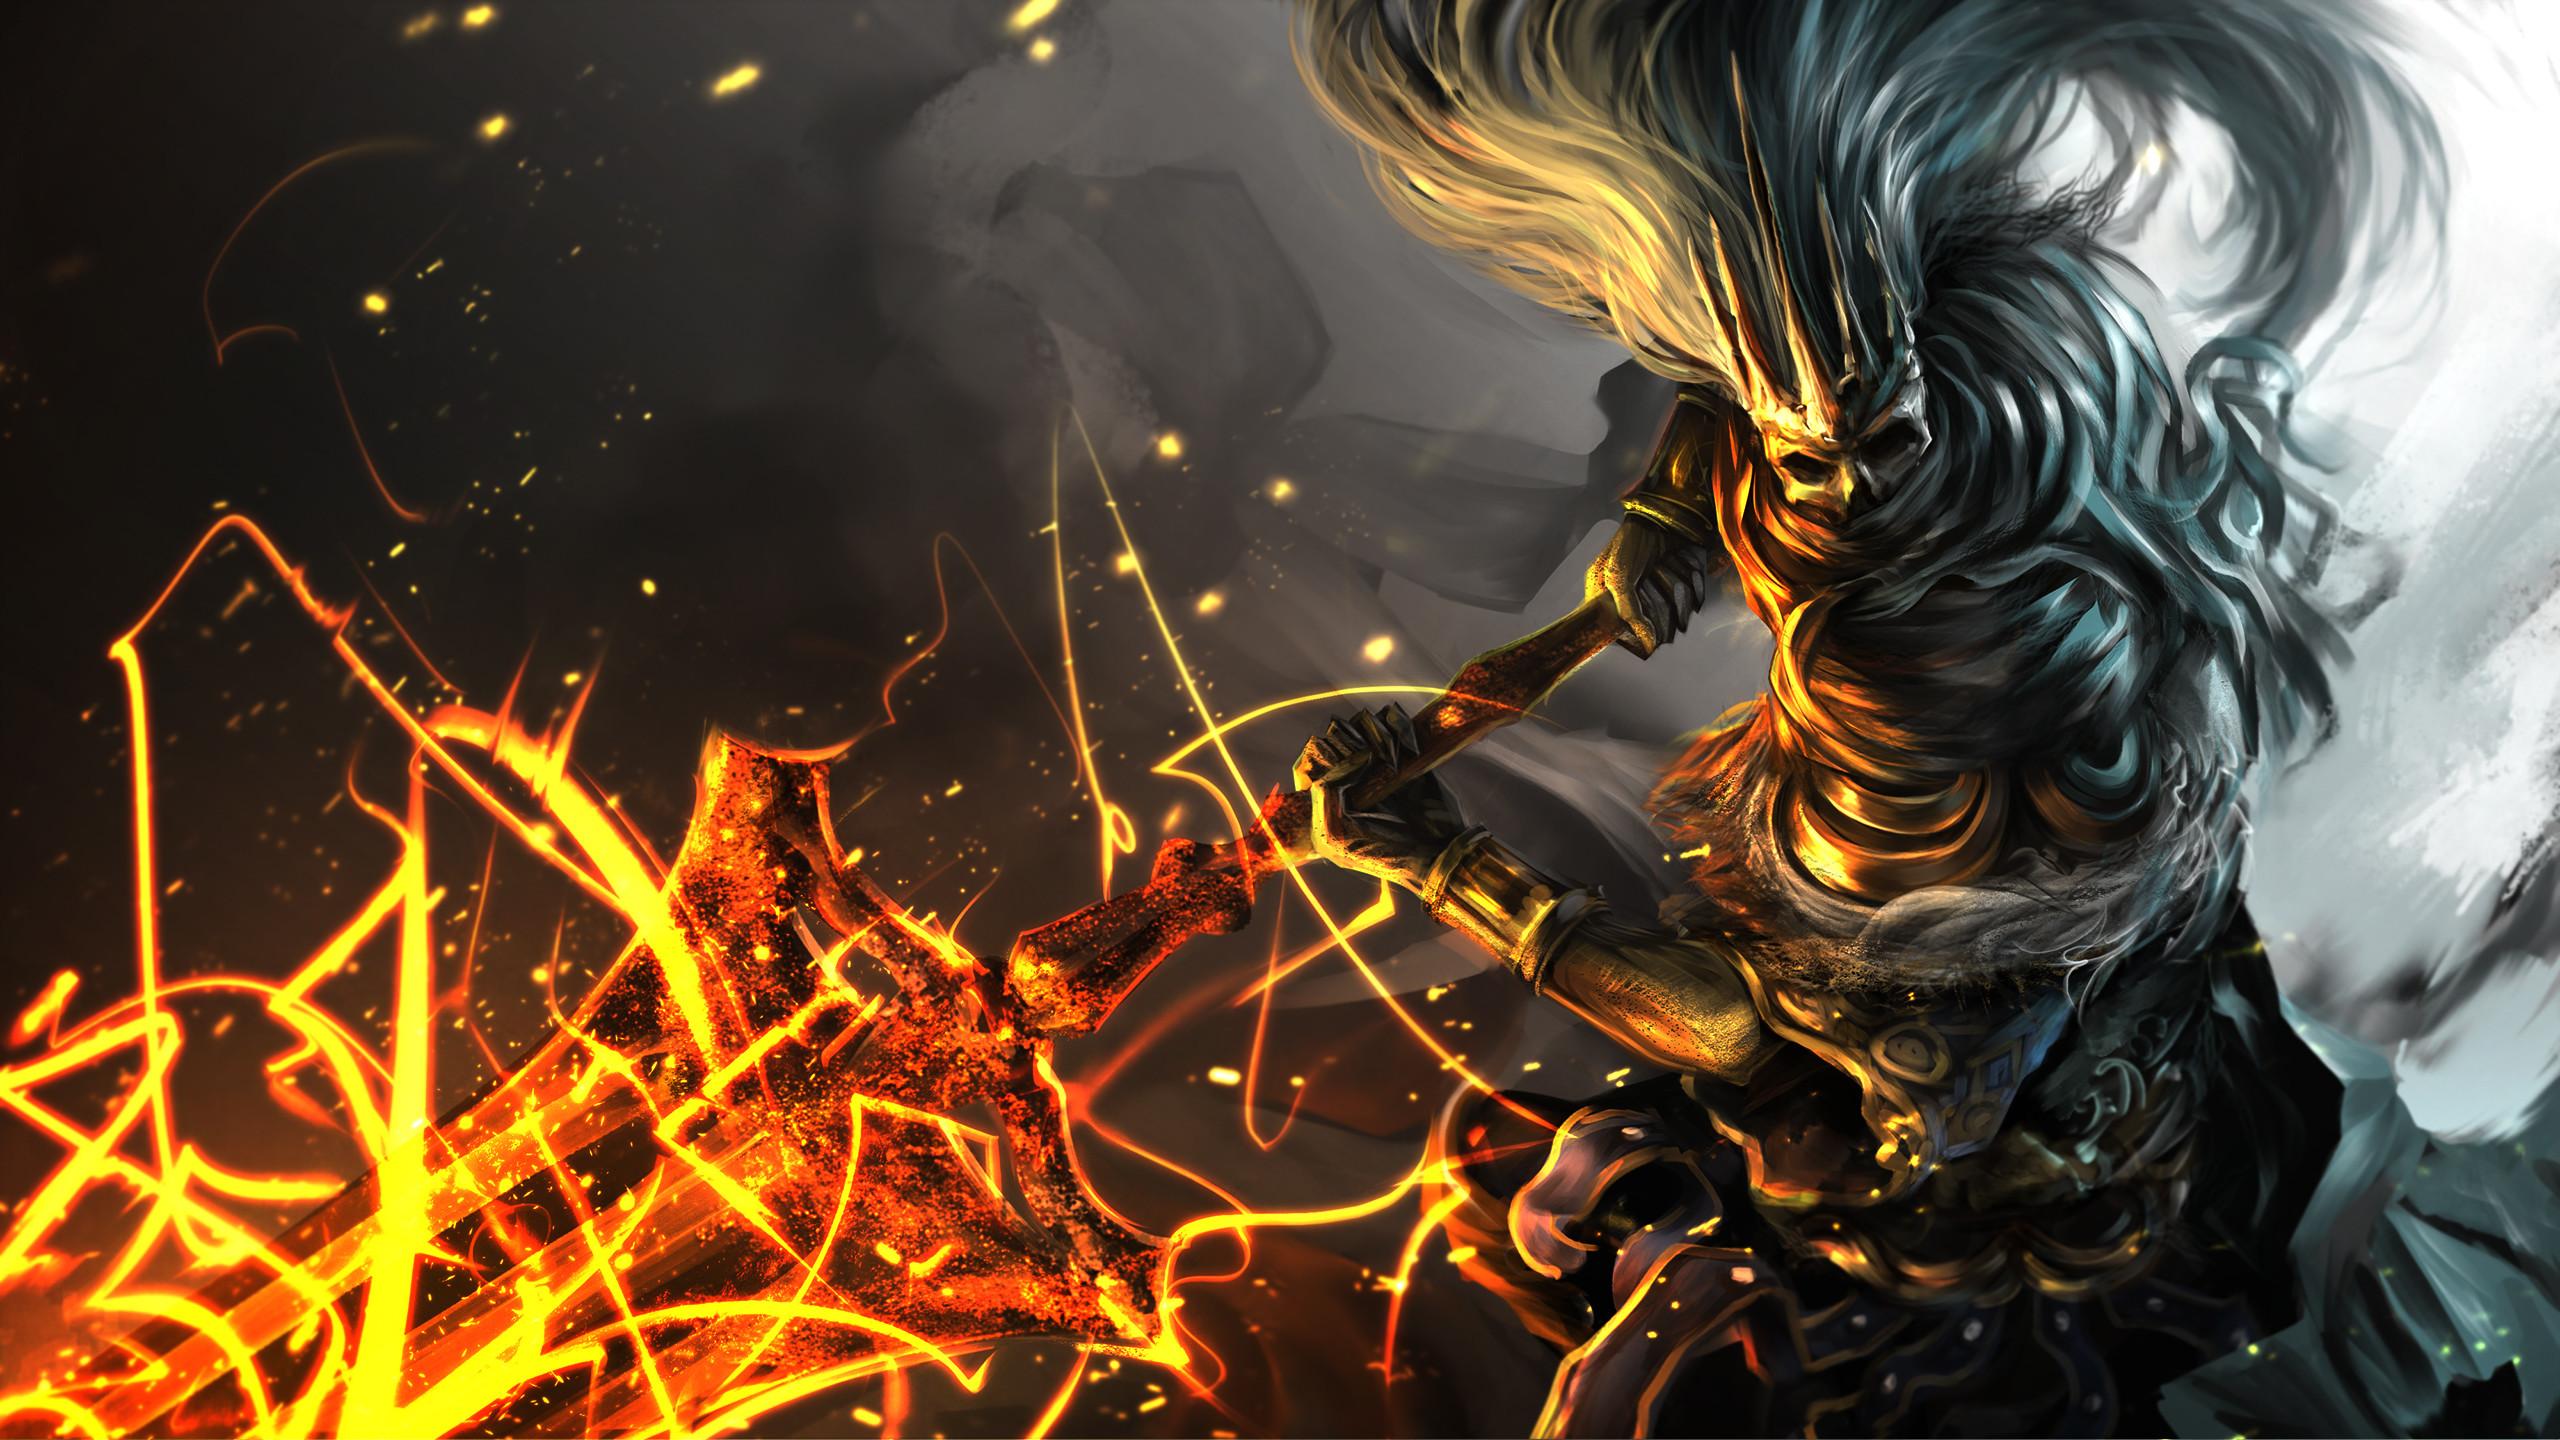 Dark Souls 3 Artwork 3